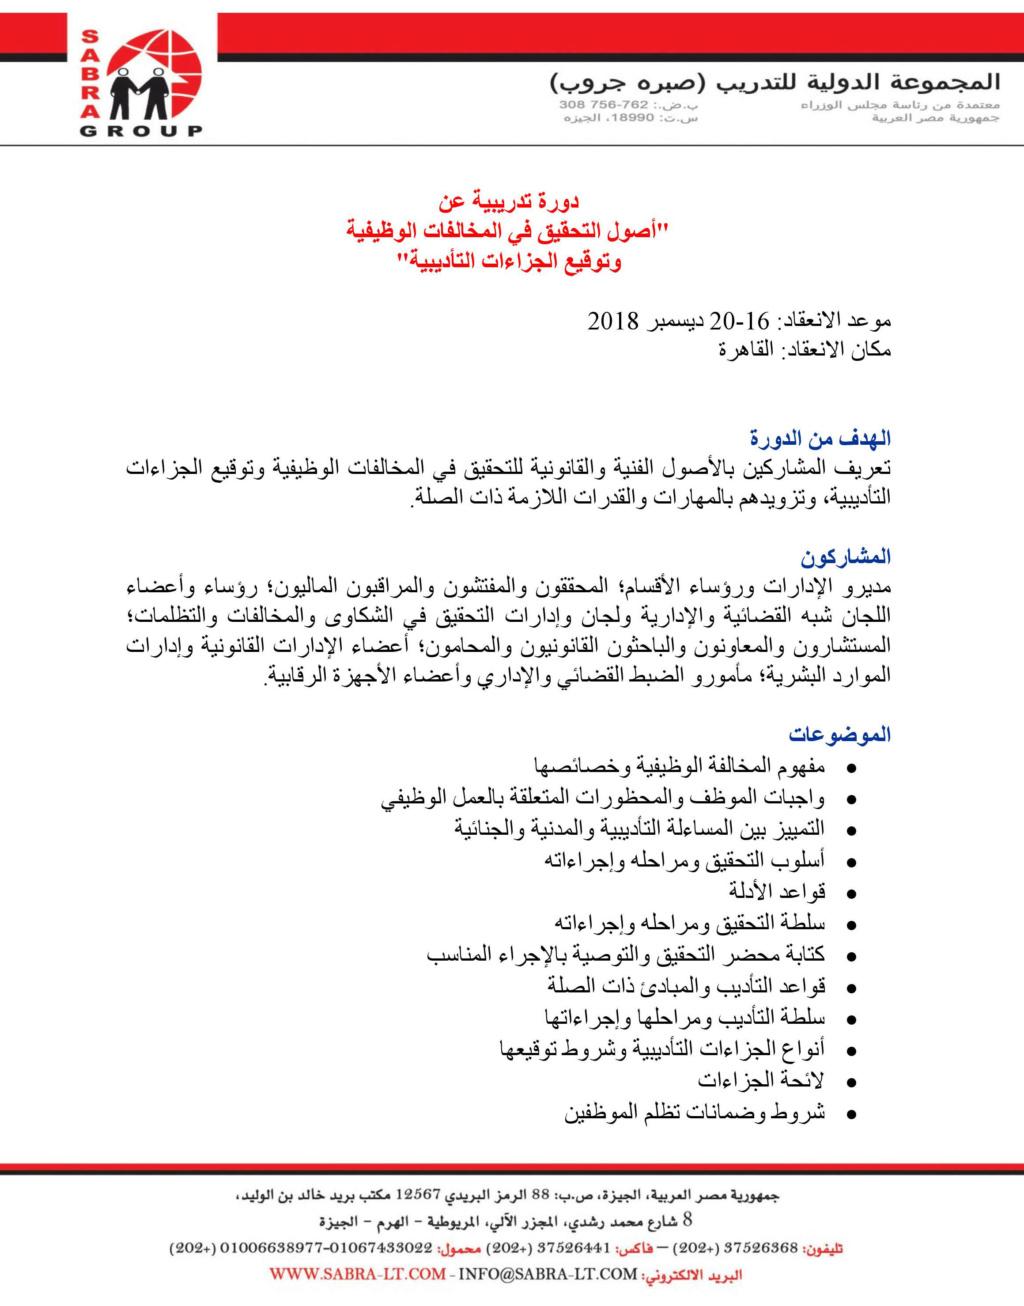 أصول التحقيق في المخالفات الوظيفية وتوقيع الجزاءات التأديبية 34_aoy14